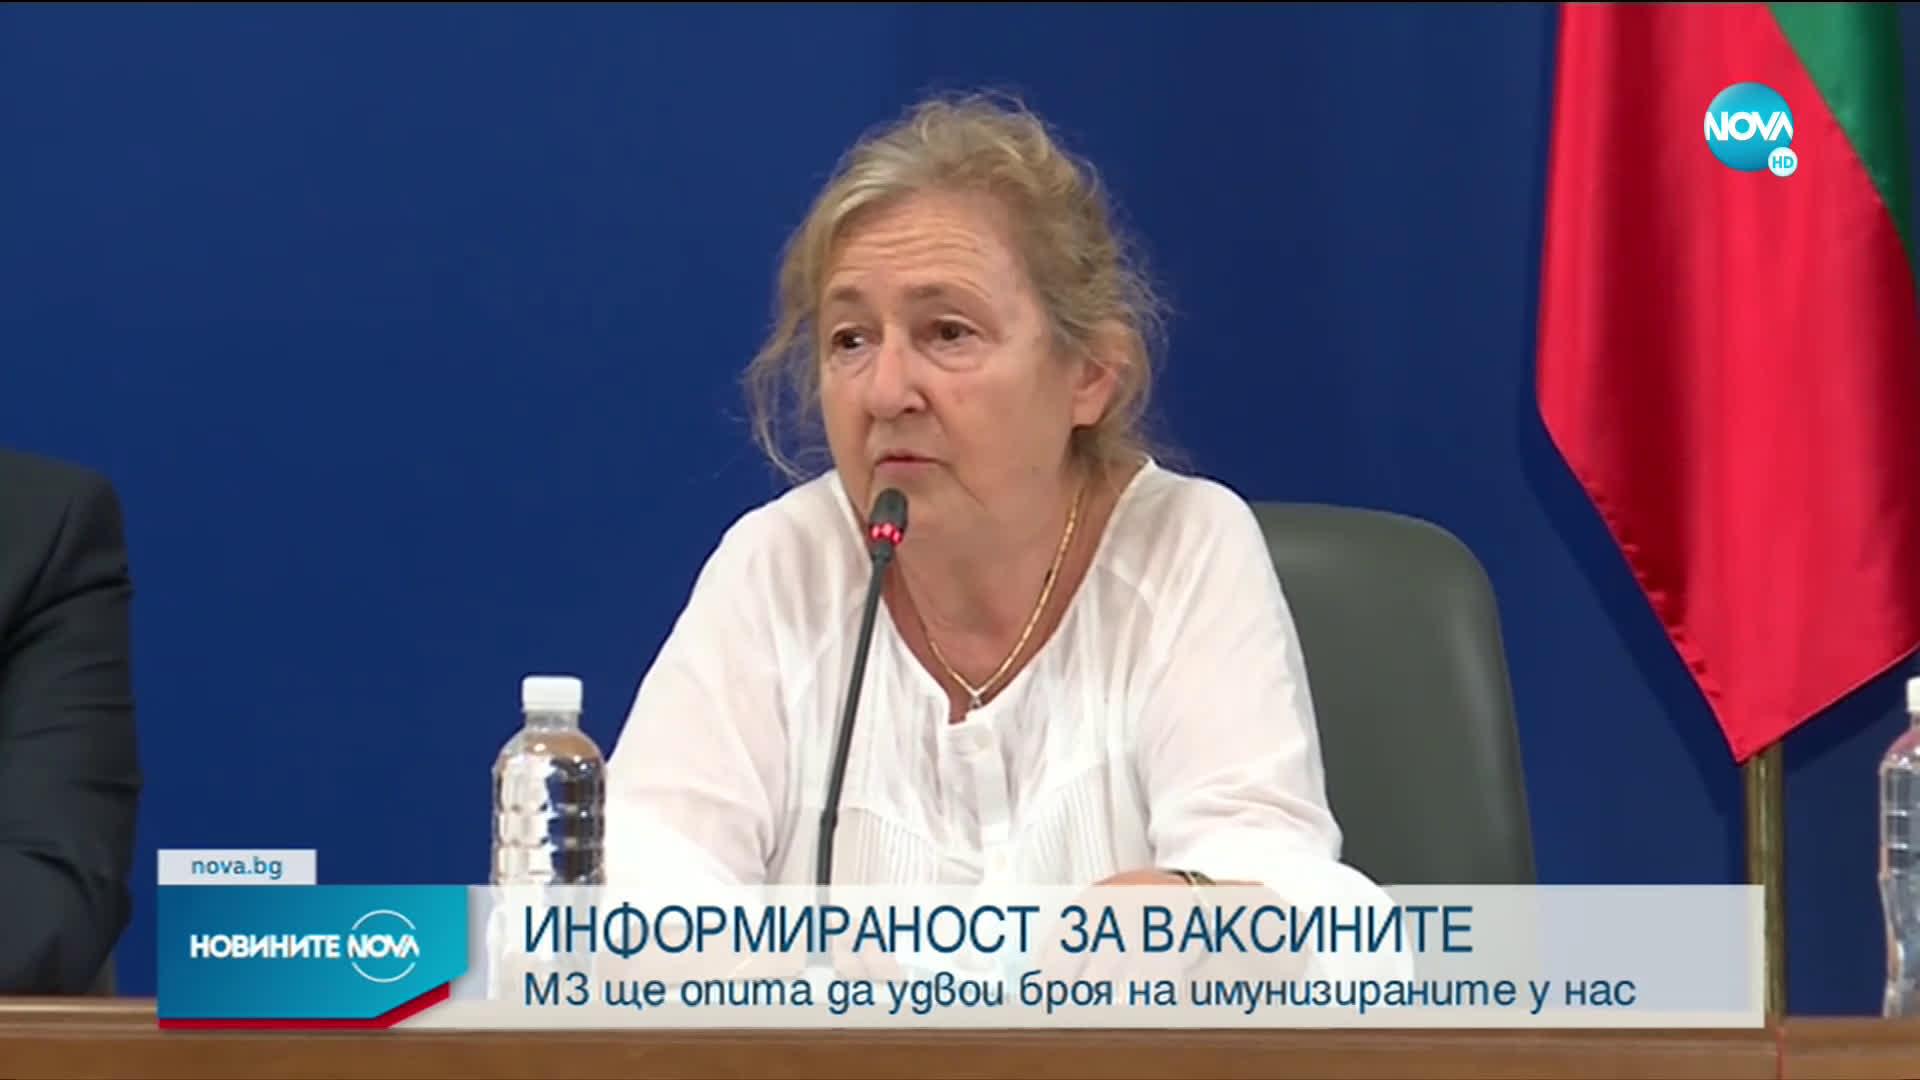 Кацаров: Епидемията не е в контрола ни